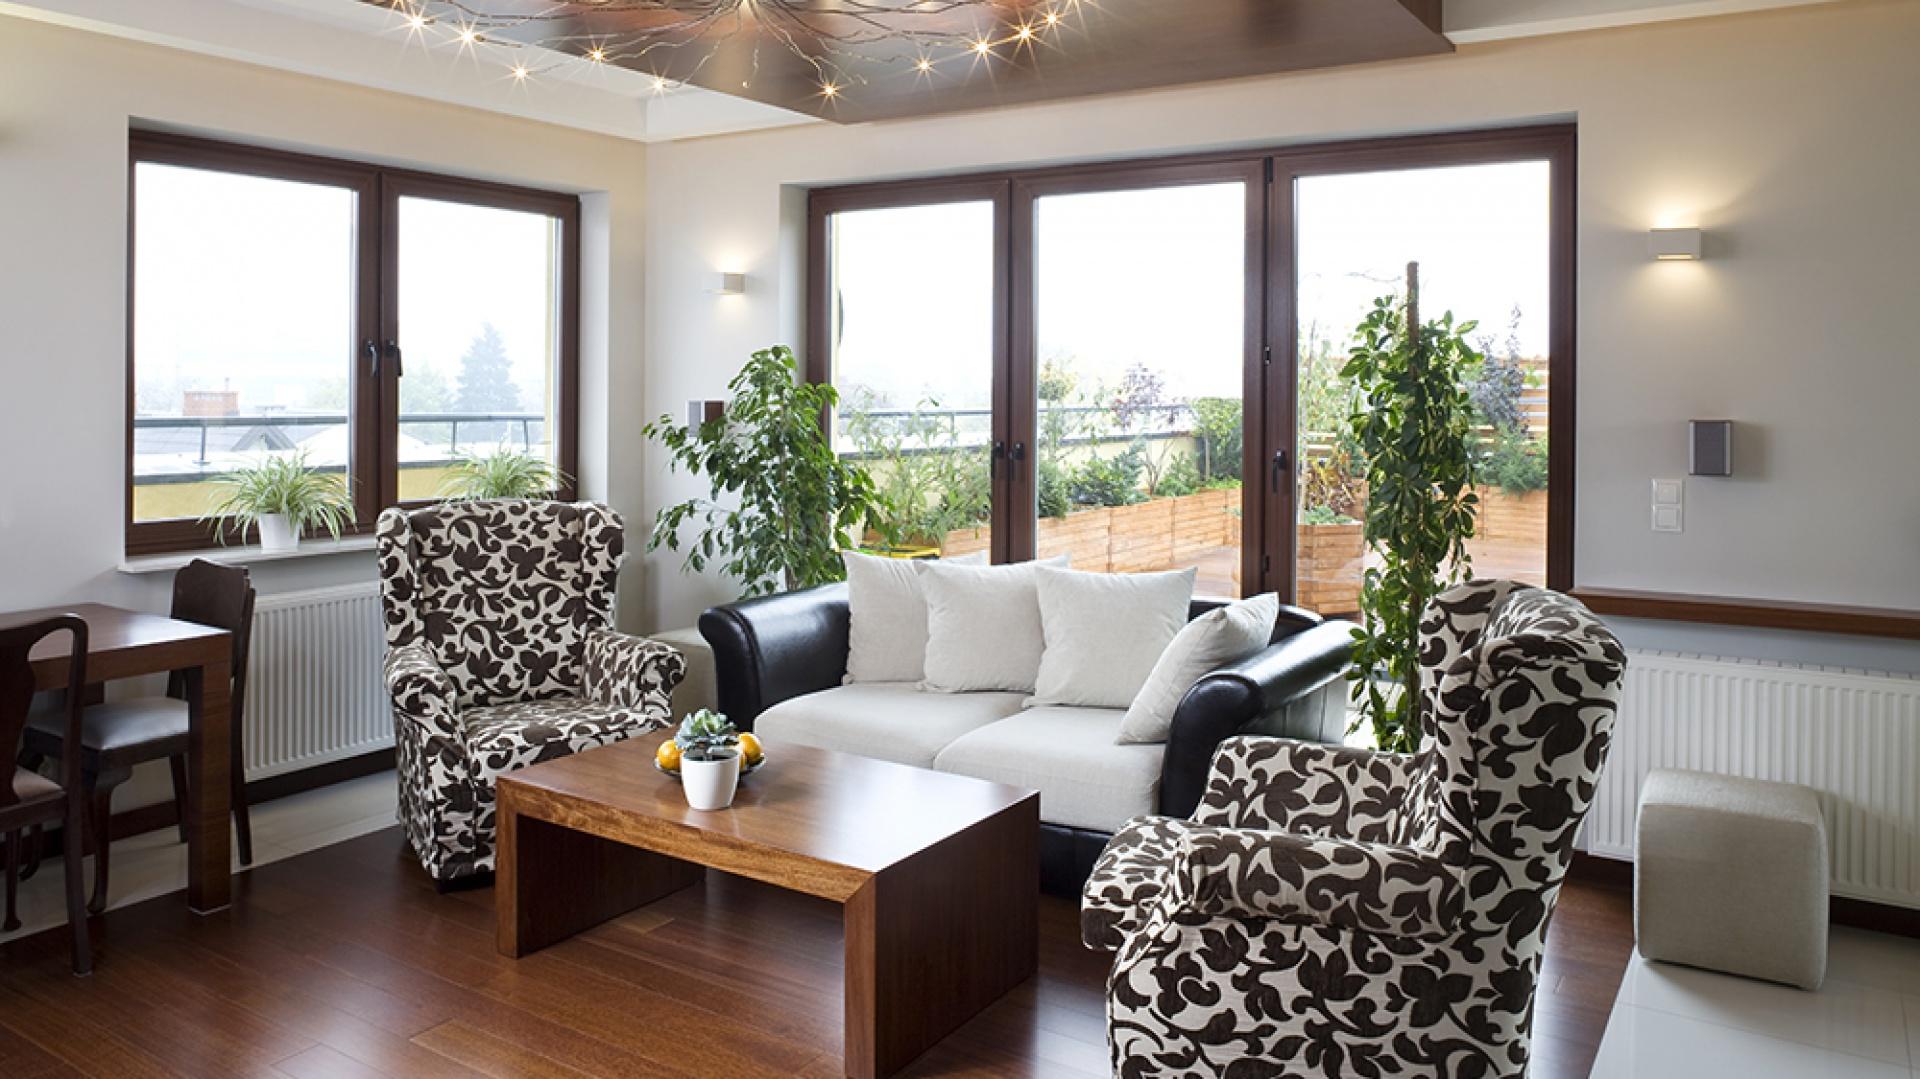 Meble w salonie dobrano tak, by harmonizowały z kolorystyczną dominantą. Oba fotele (podobnie jak kanapa, należące do wcześniejszego wyposażenia gospodarzy) zyskały nową tapicerkę w roślinny wzór. Podłoga w głównej części salonu została wyłożona drewnem. Fot. Tomek Markowski.